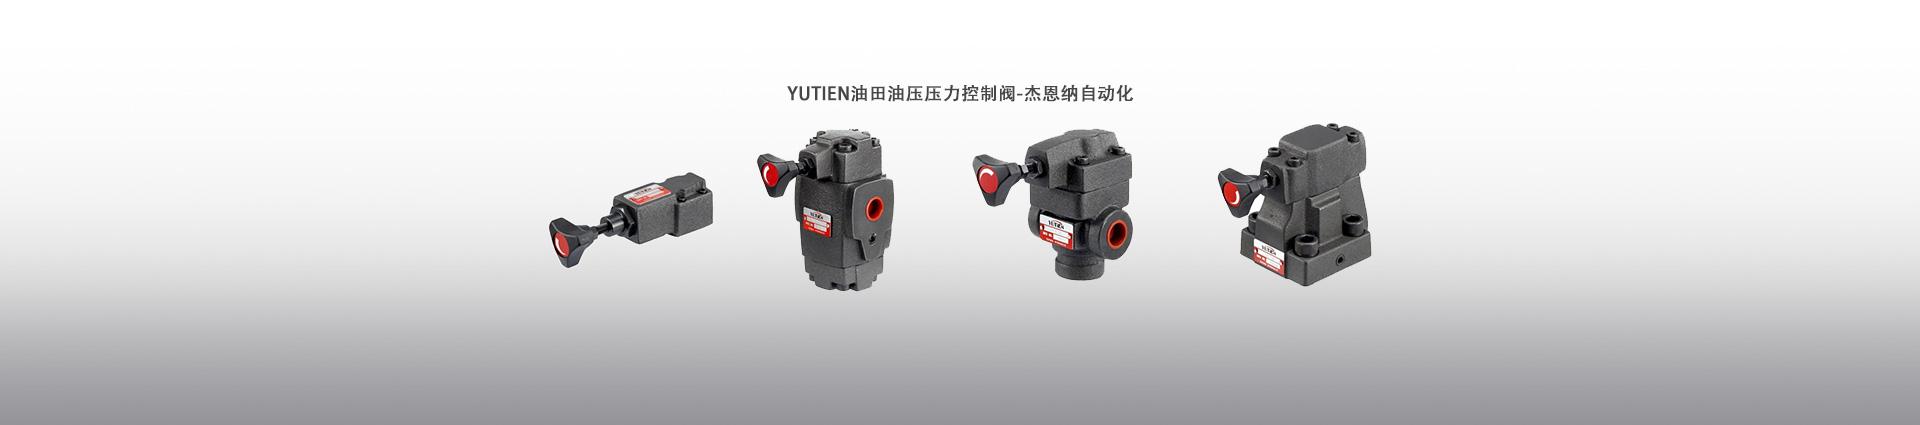 台湾YUTIEN油田压力控制阀